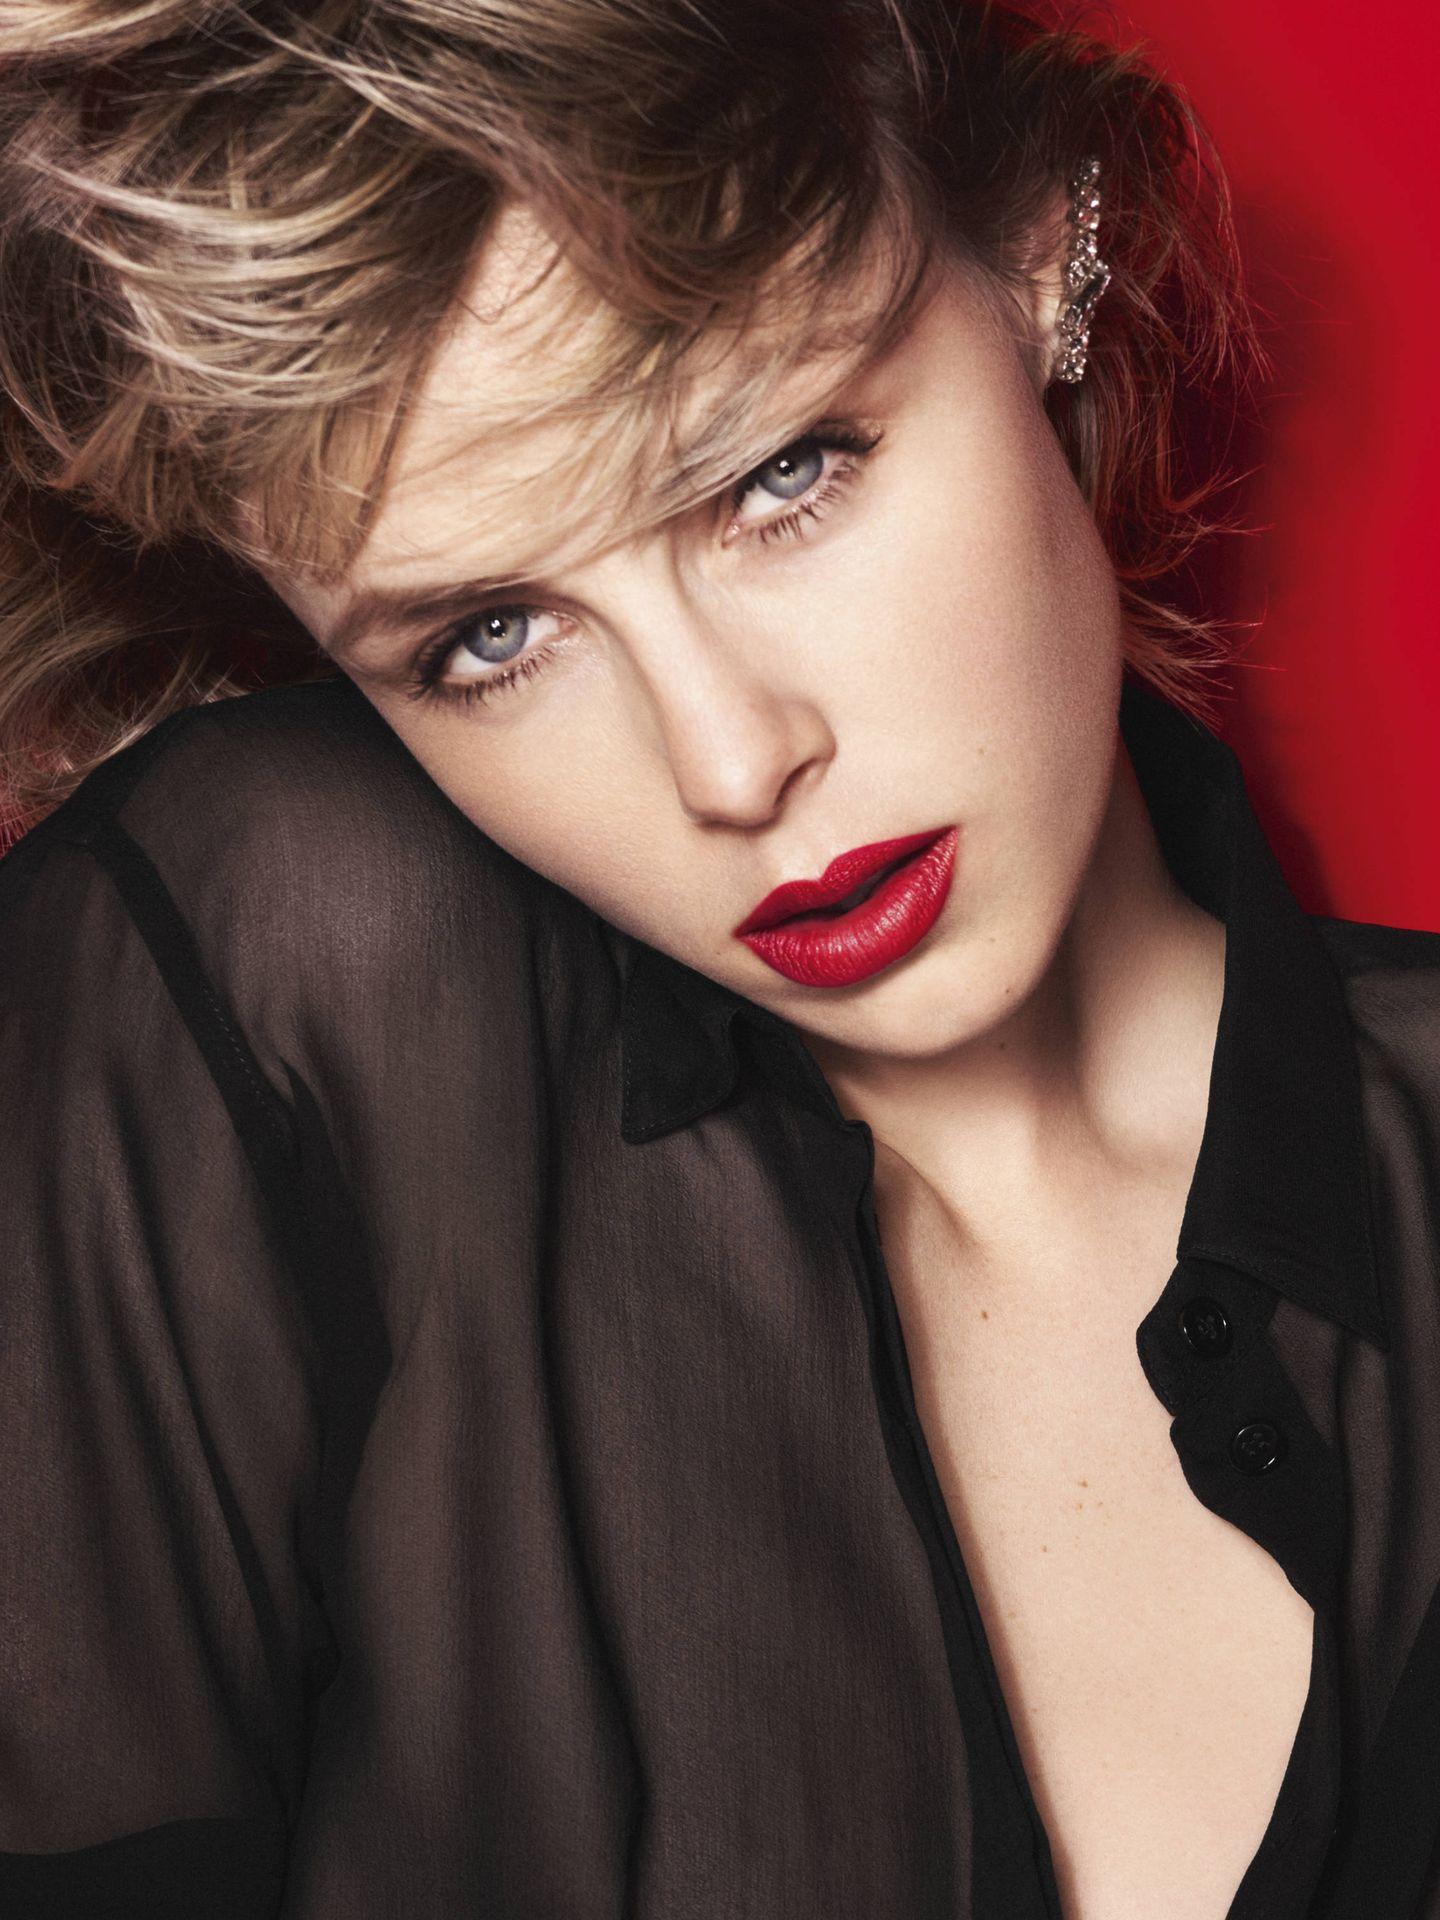 El labial rojo es uno de los básicos. (Yves Saint Laurent)